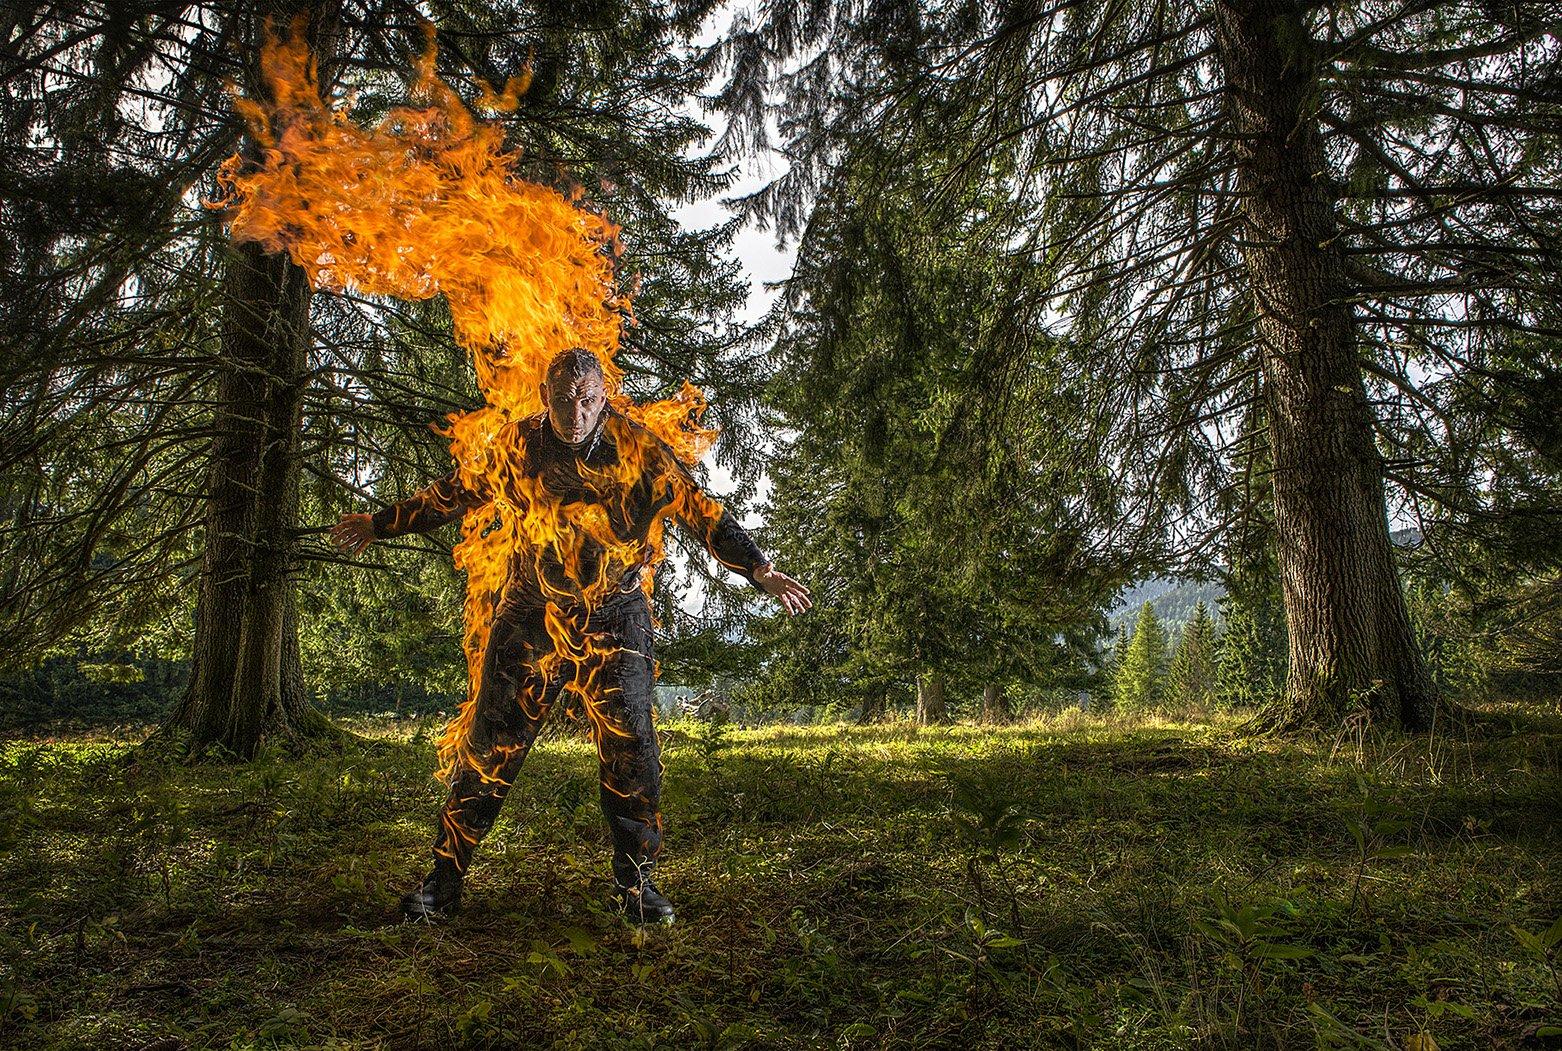 Final Burning Manb 2